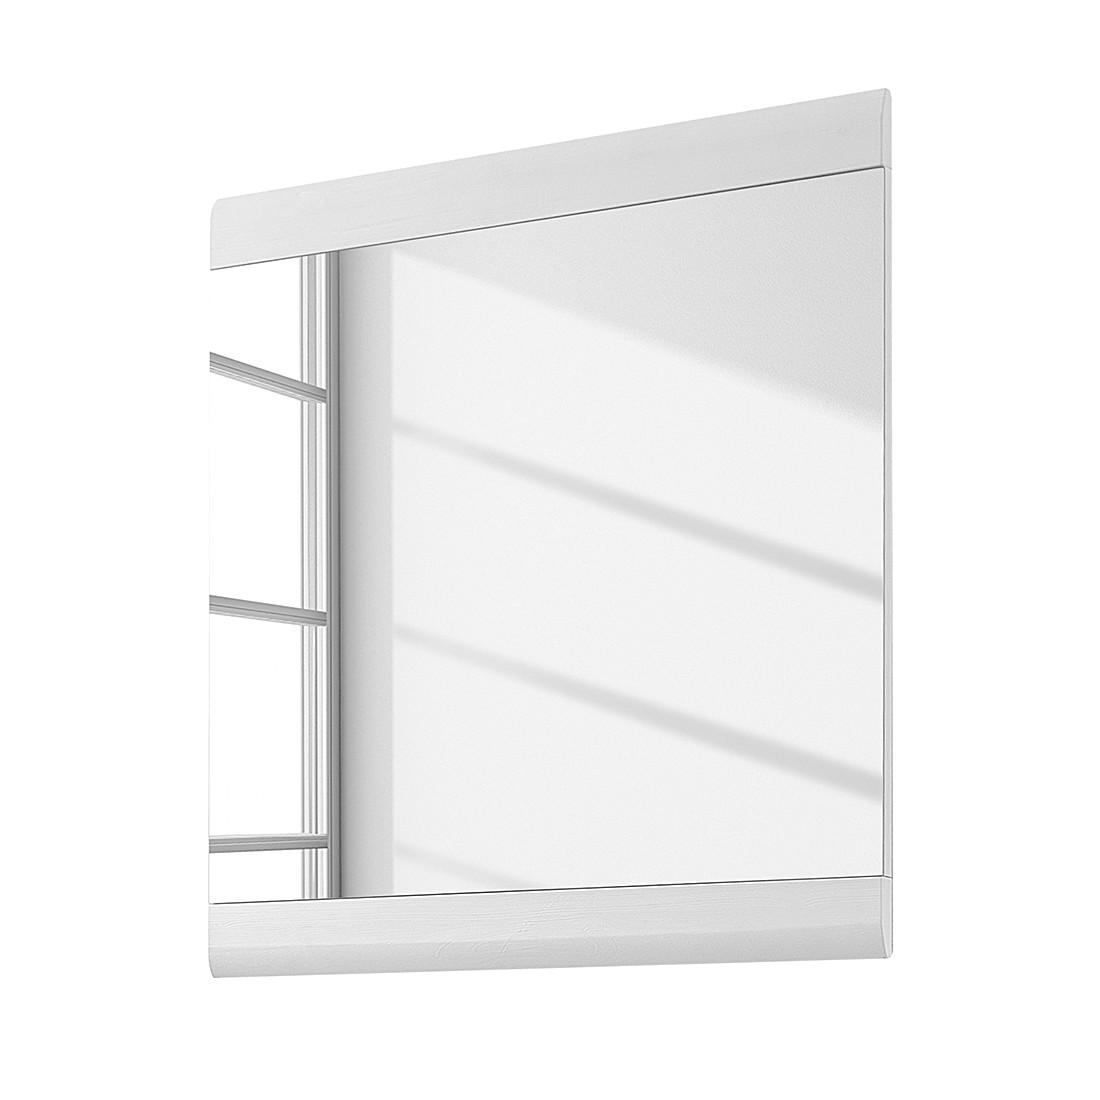 Spiegel Samanta – Silbereiche Dekor/Weiß, Modoform günstig